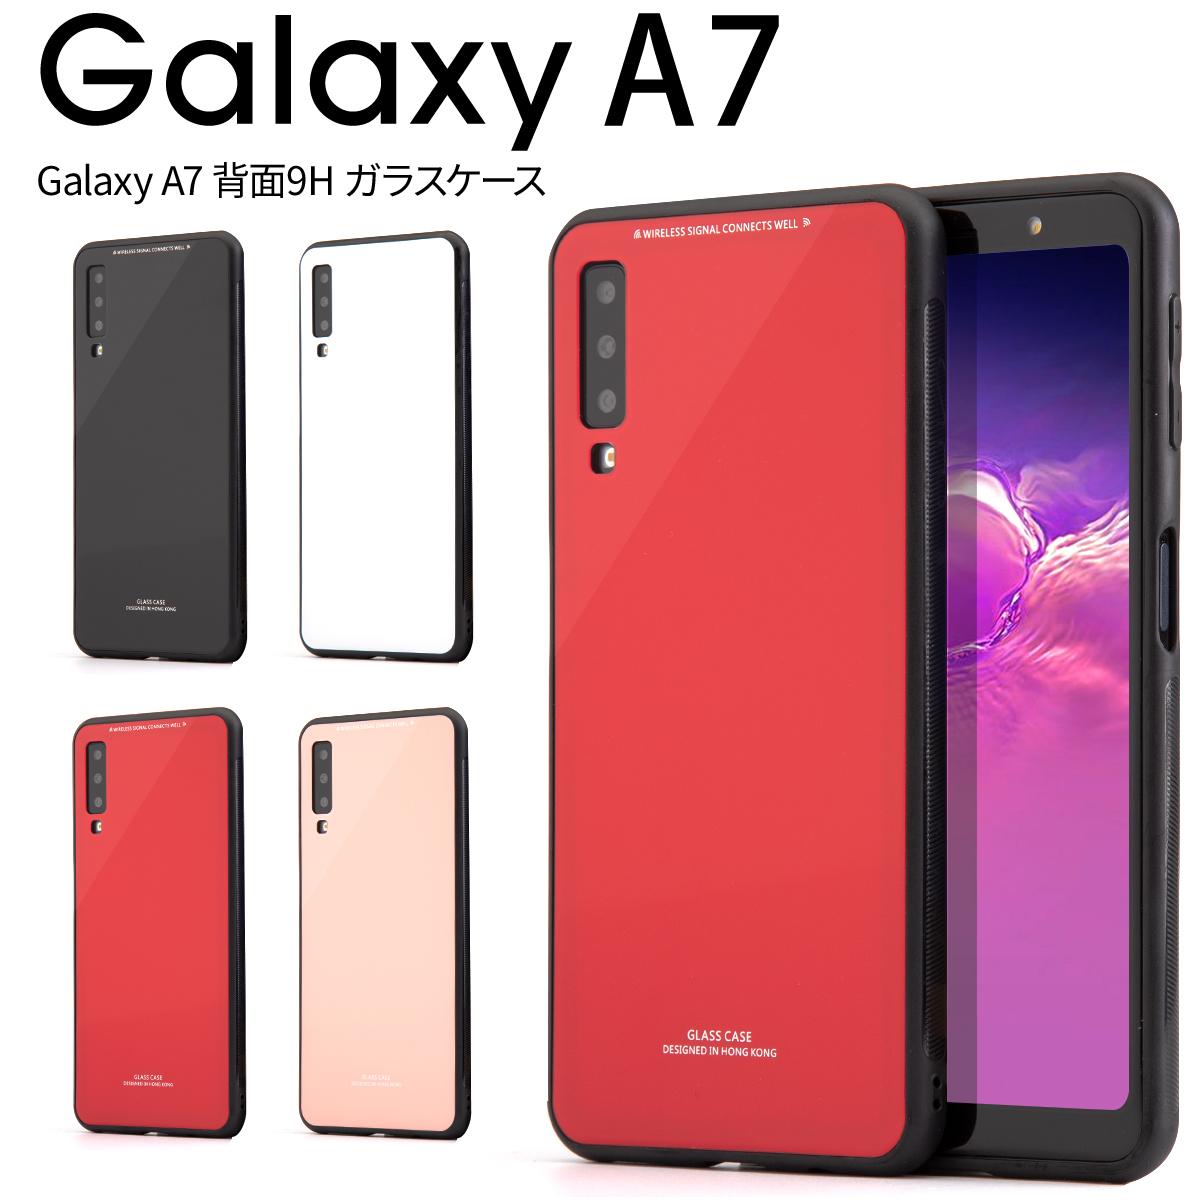 メール便送料無料 Galaxy A7 背面9Hガラスケース 驚きの値段で スマホケース 韓国 ギャラクシー スマホカバー クリスタルケース アンドロイドケース かっこいい sale 新作通販 大人 シンプル 人気 おしゃれ モバイル